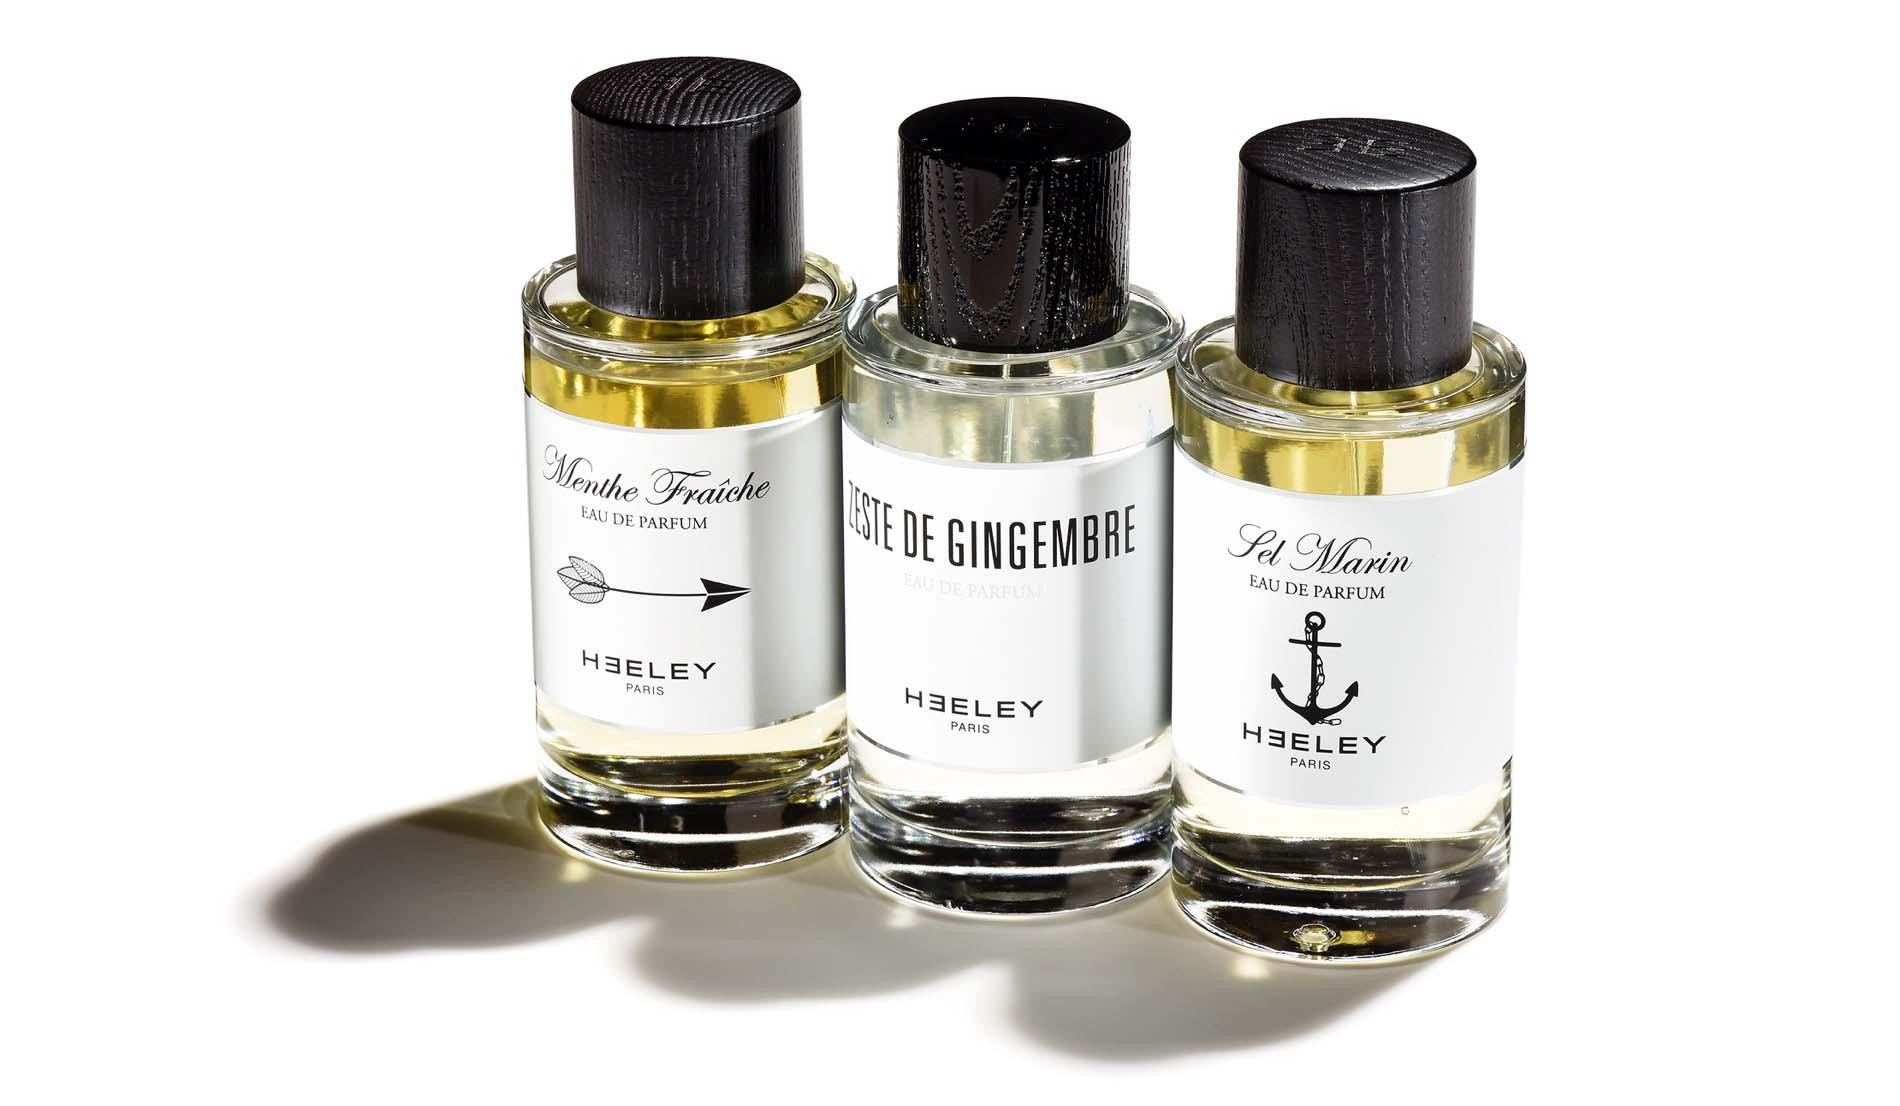 ヒーリーの香水